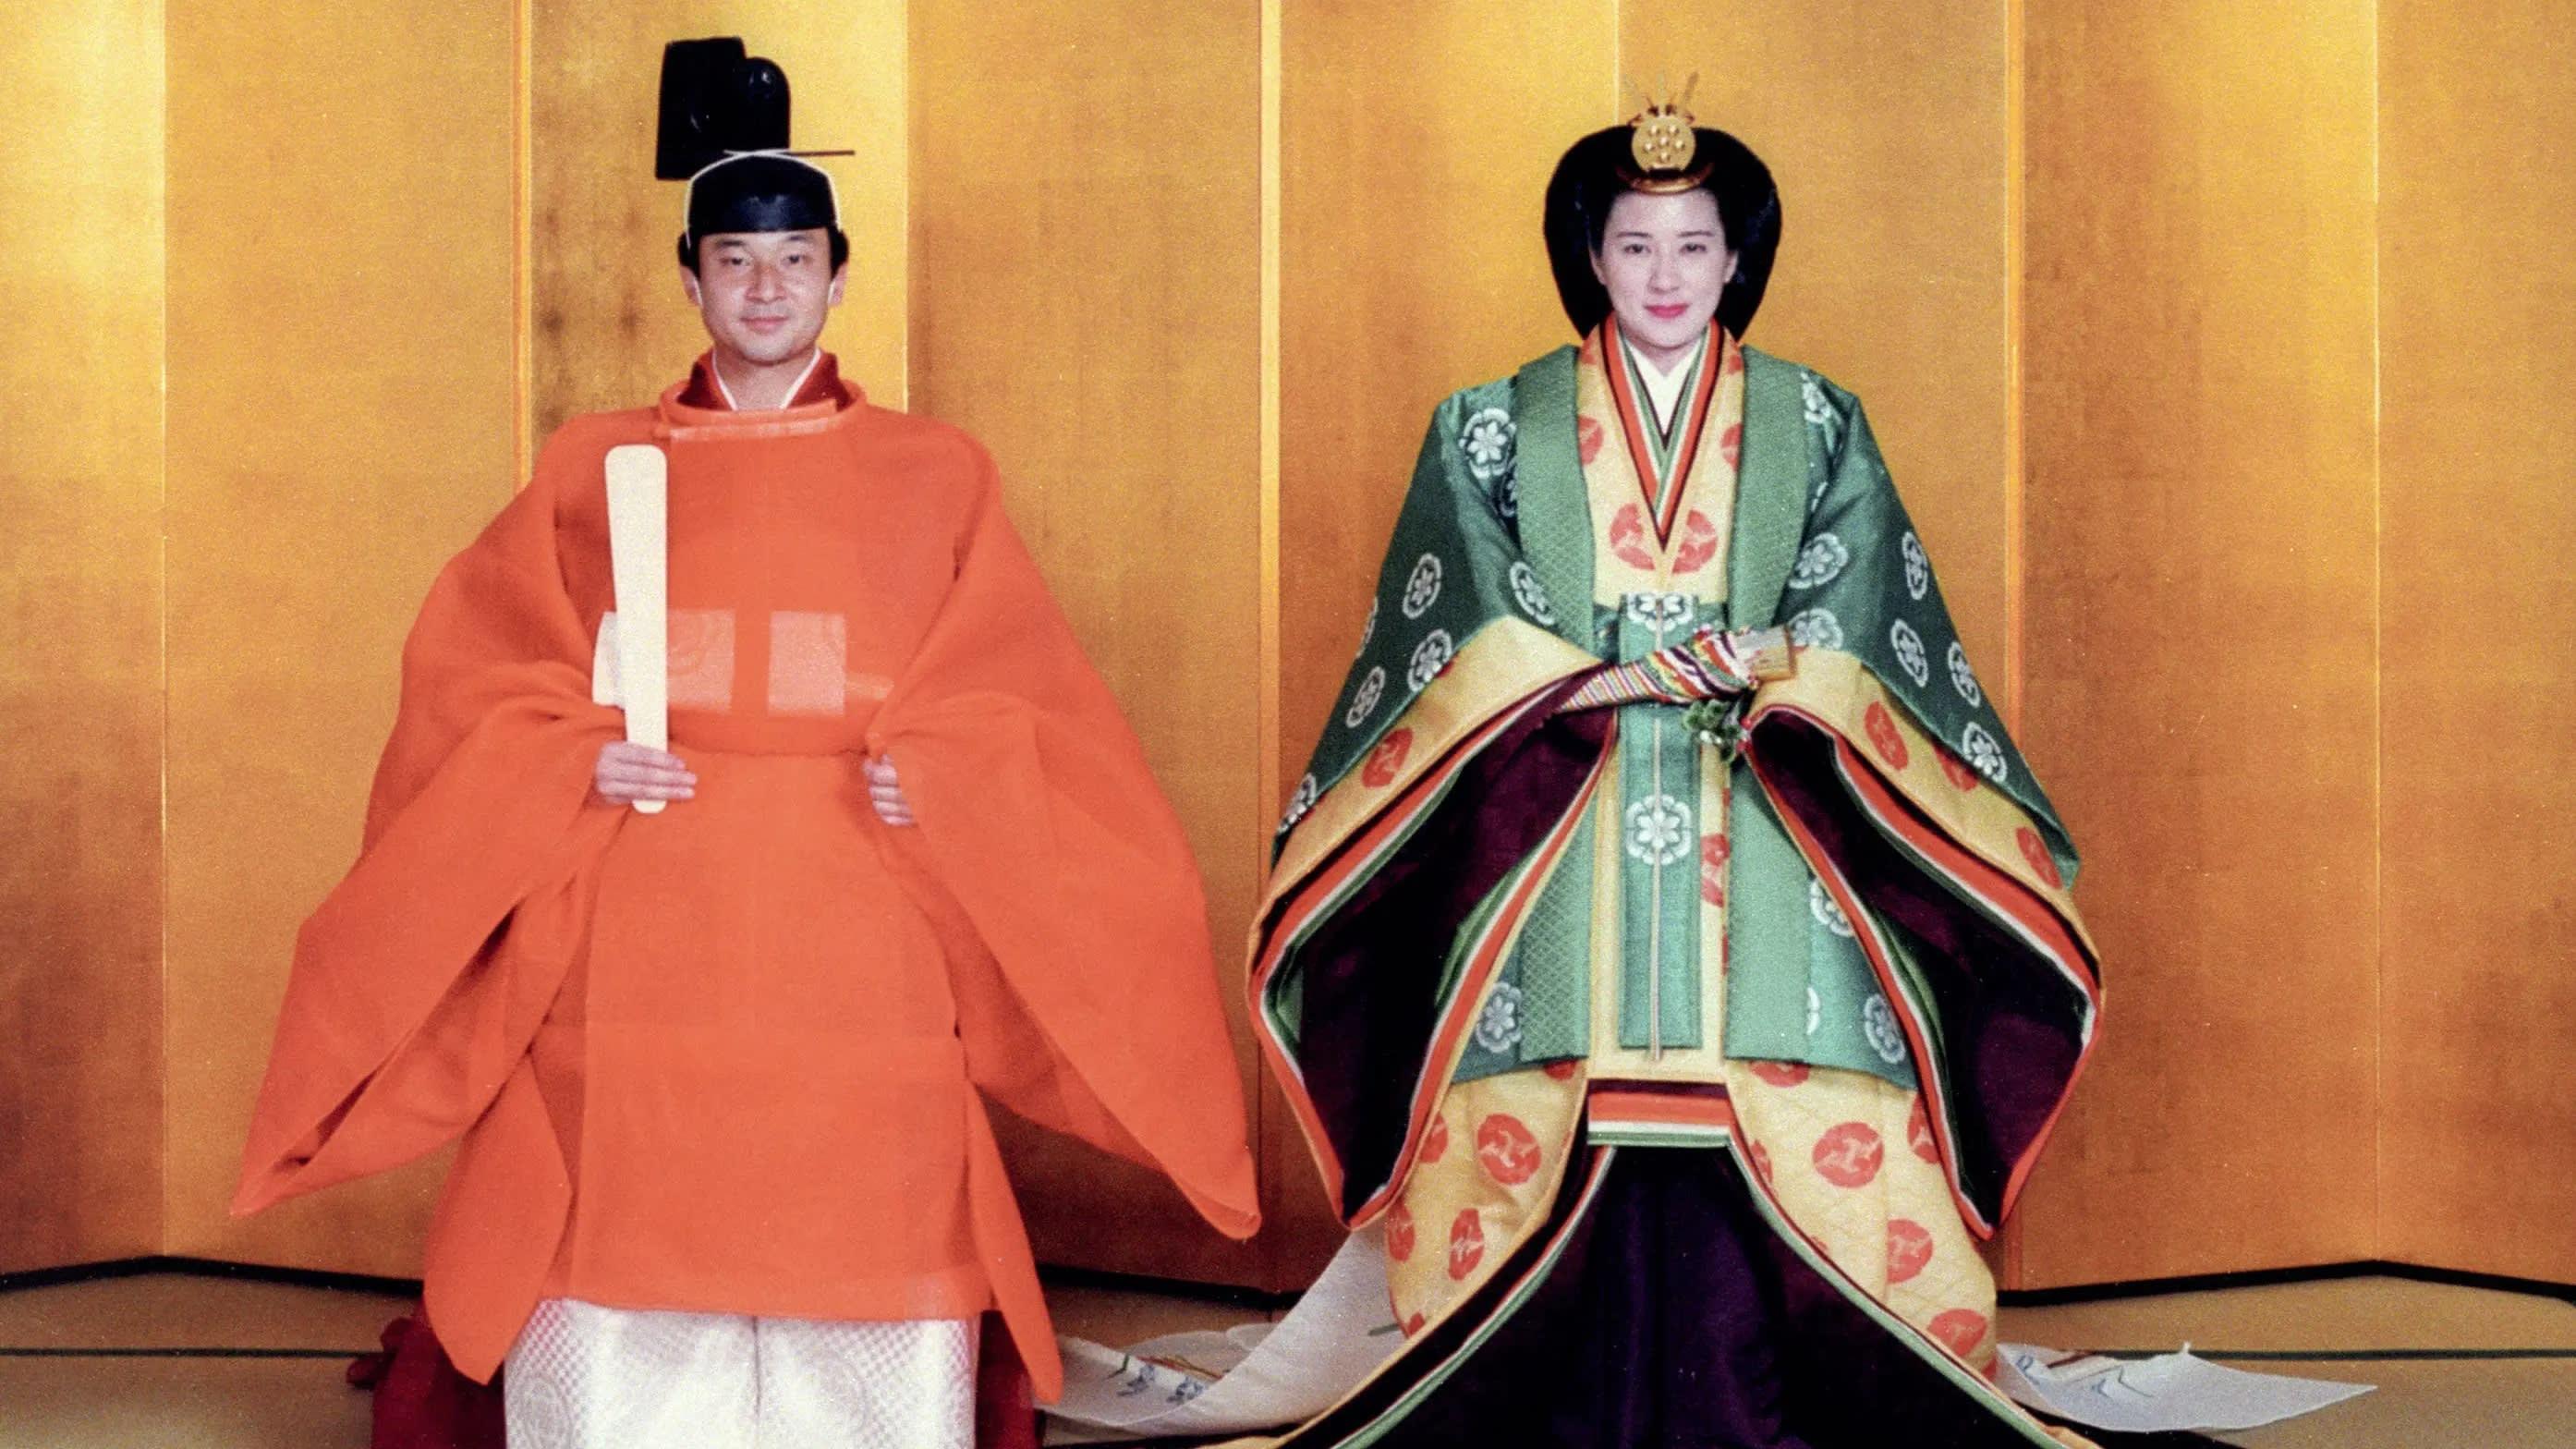 عکس ازدواج امپراتور ناروهیتو با ملکه ماساکو در 1993